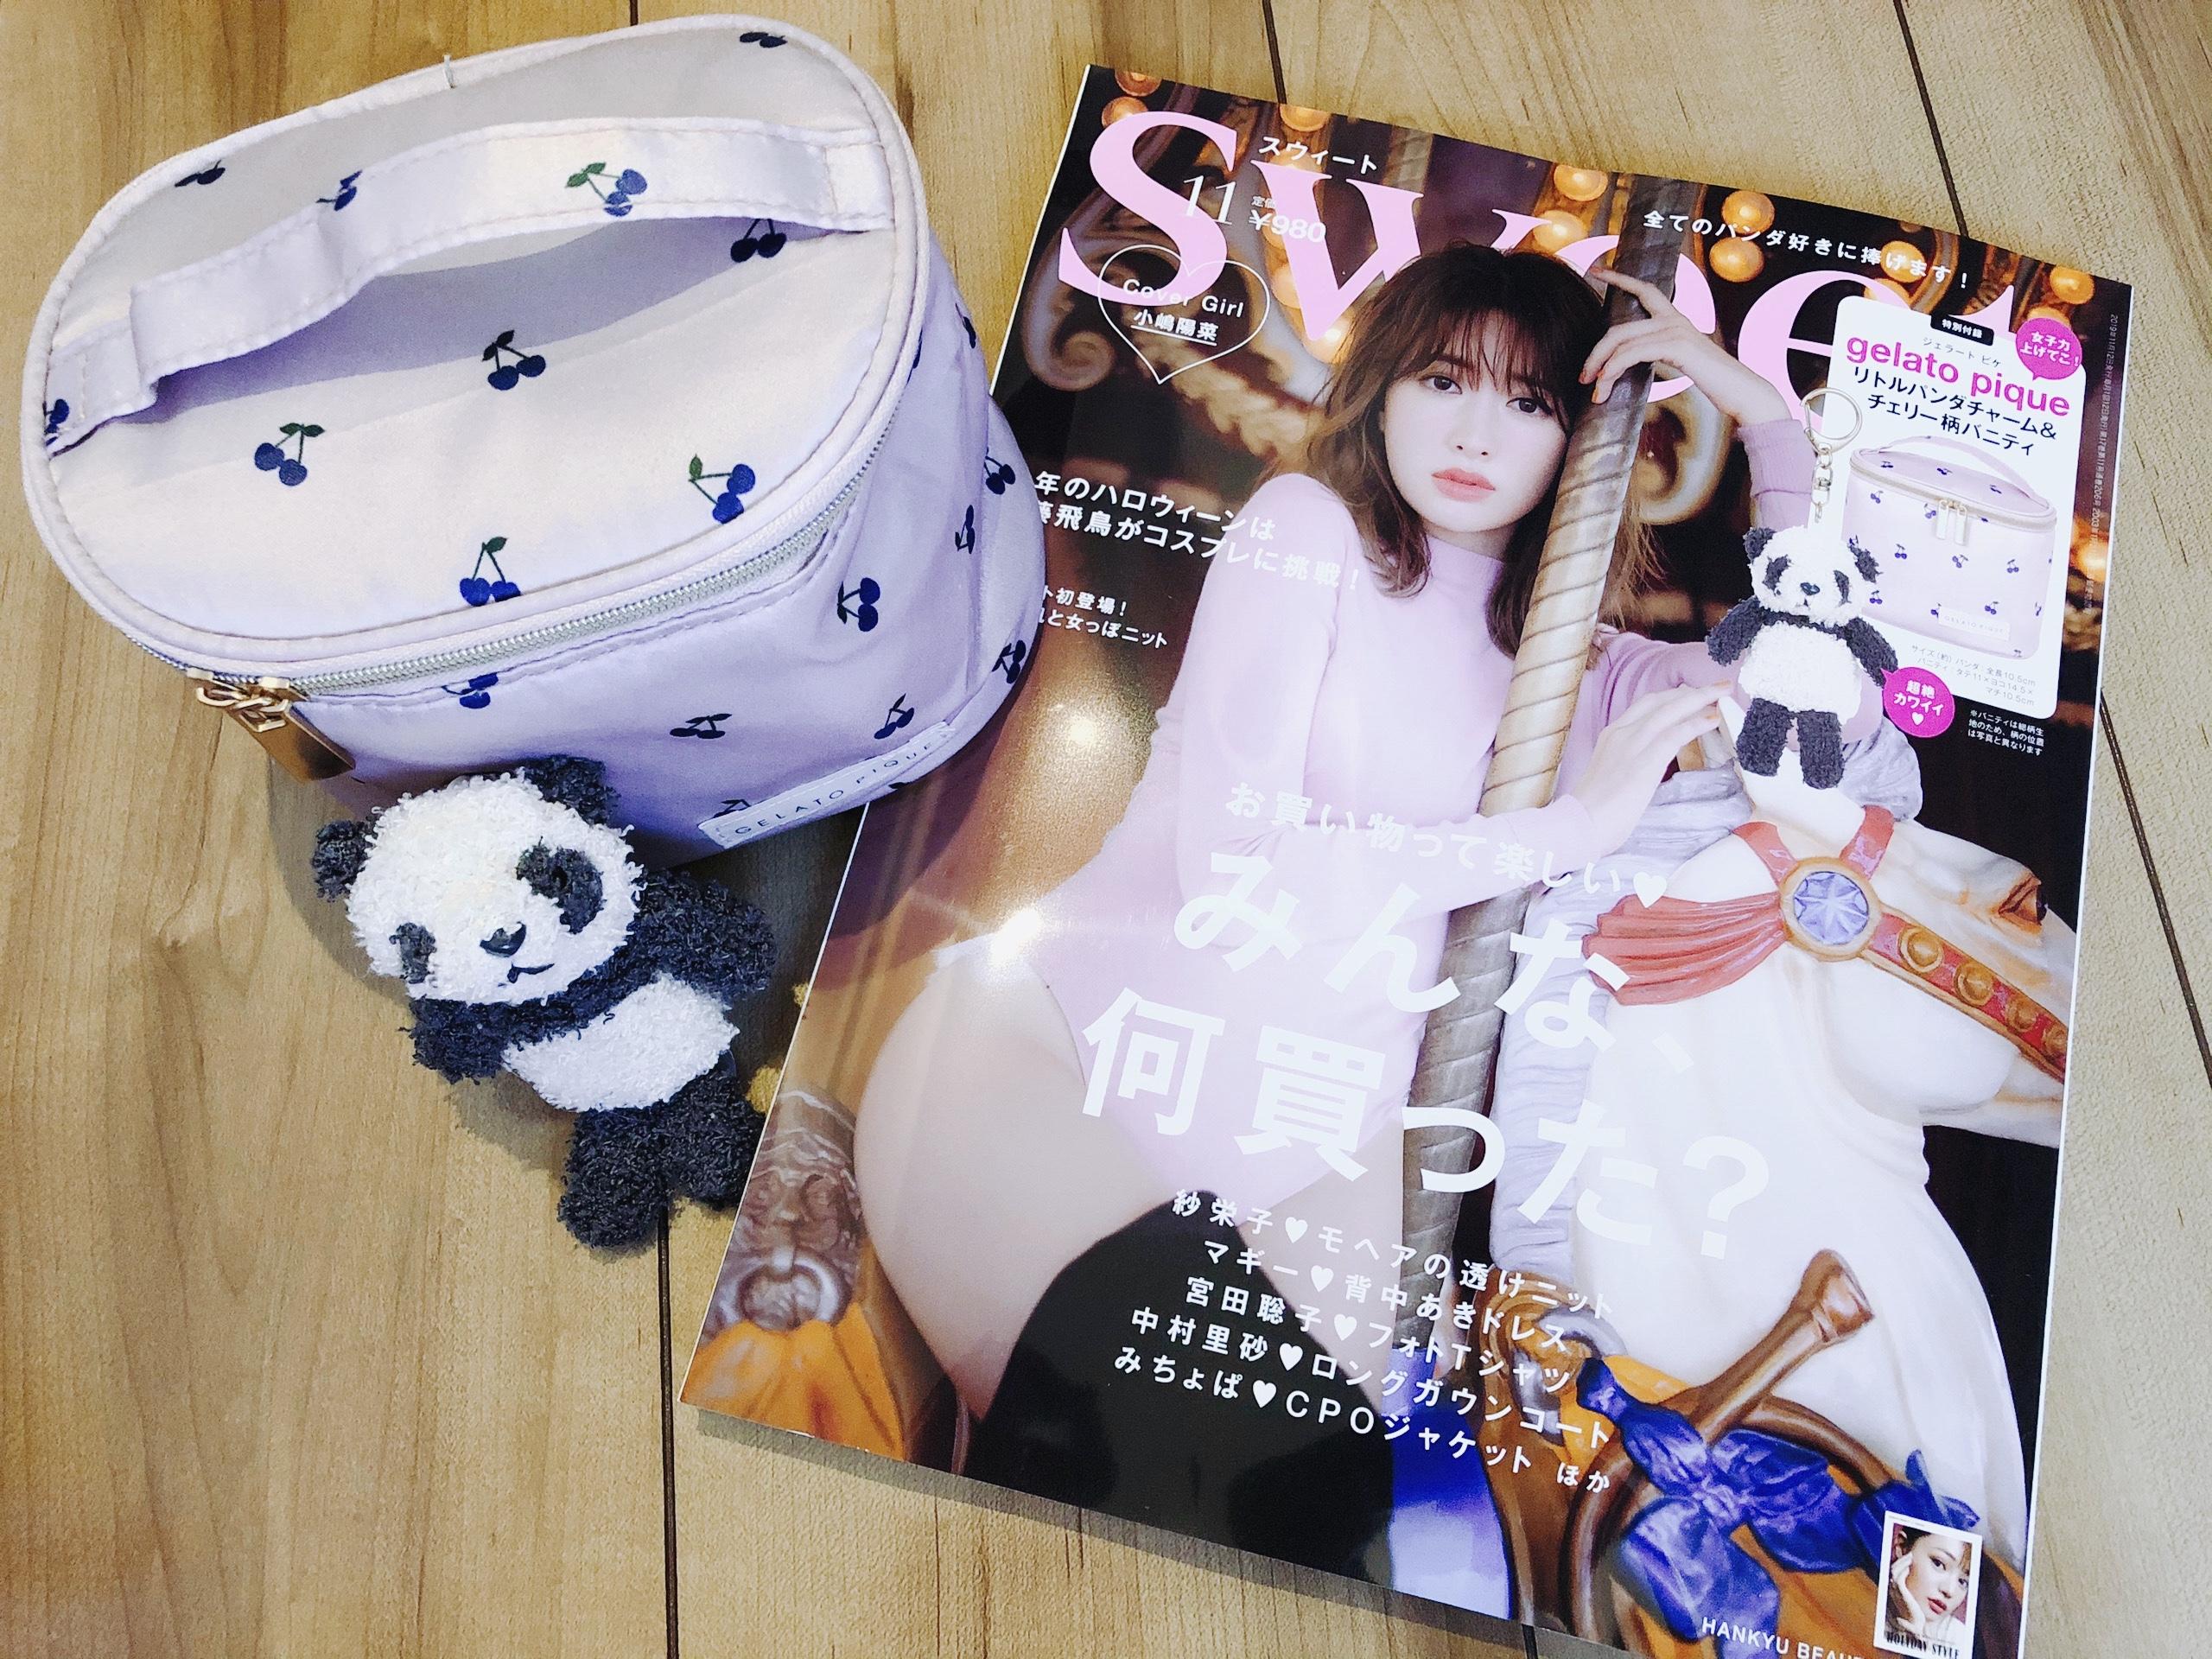 【雑誌付録】これはたまらない!『sweet』11月号はジェラピケパンダ